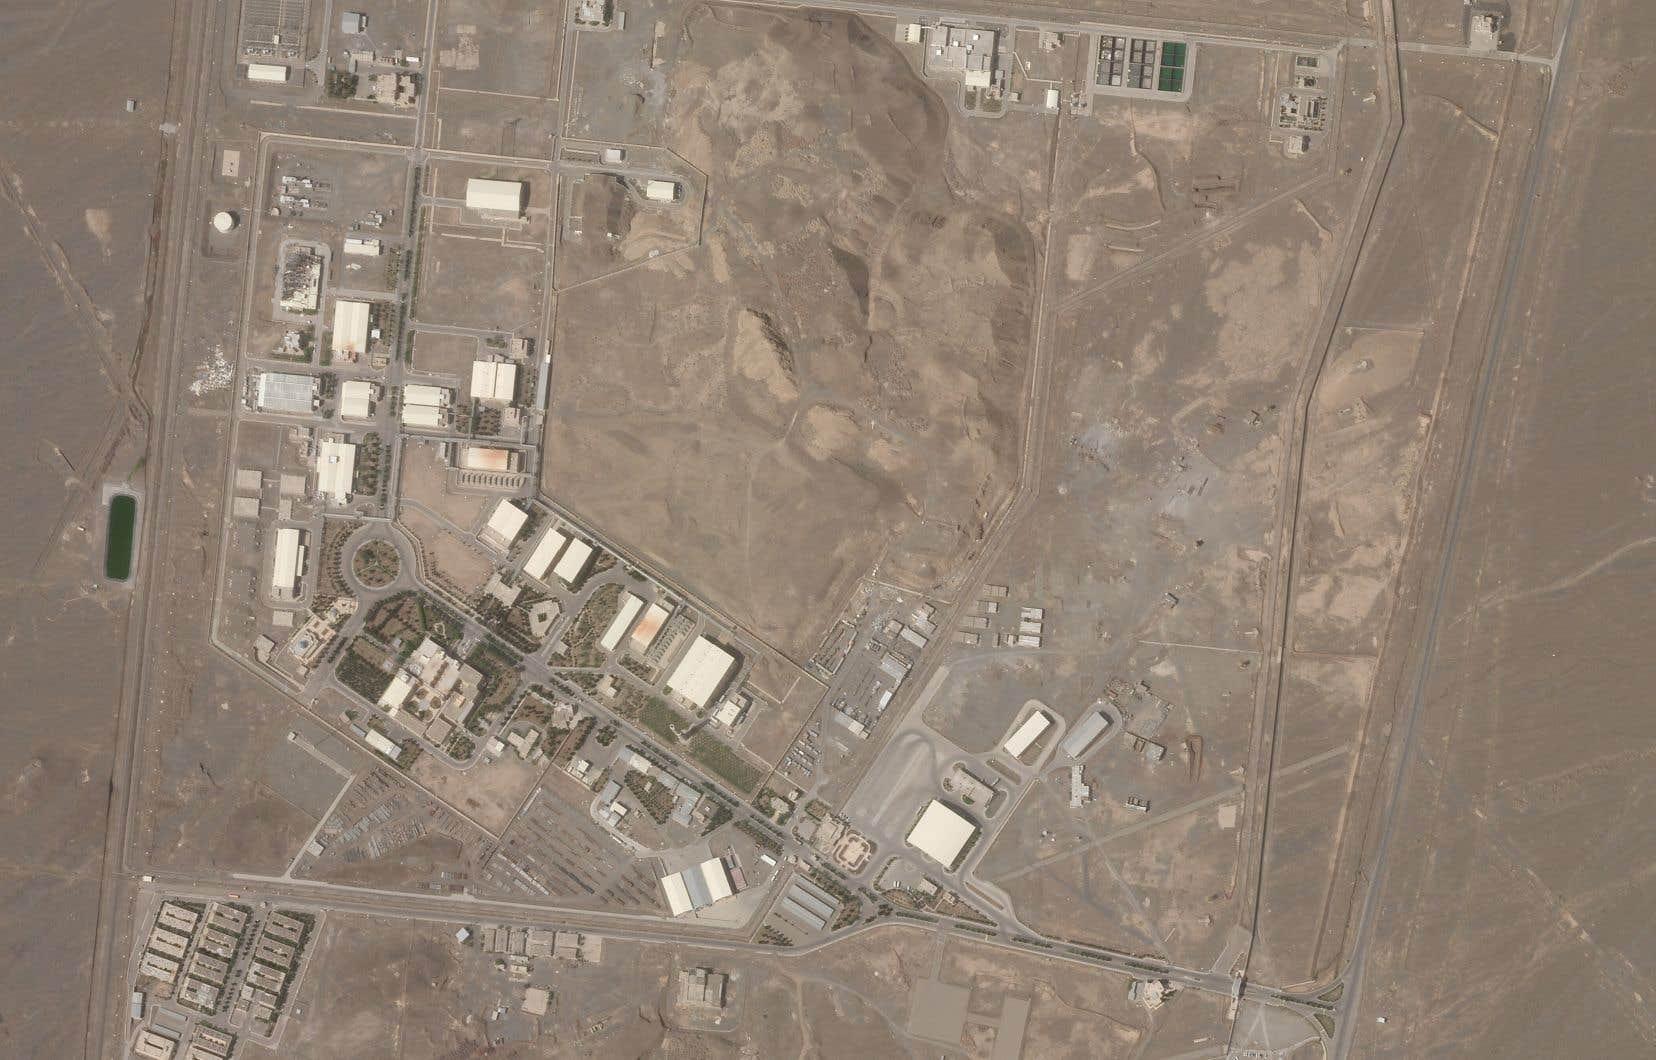 Les médias iraniens n'ont diffusé aucune photo ni vidéo du centre de Natanz après ce sabotage.